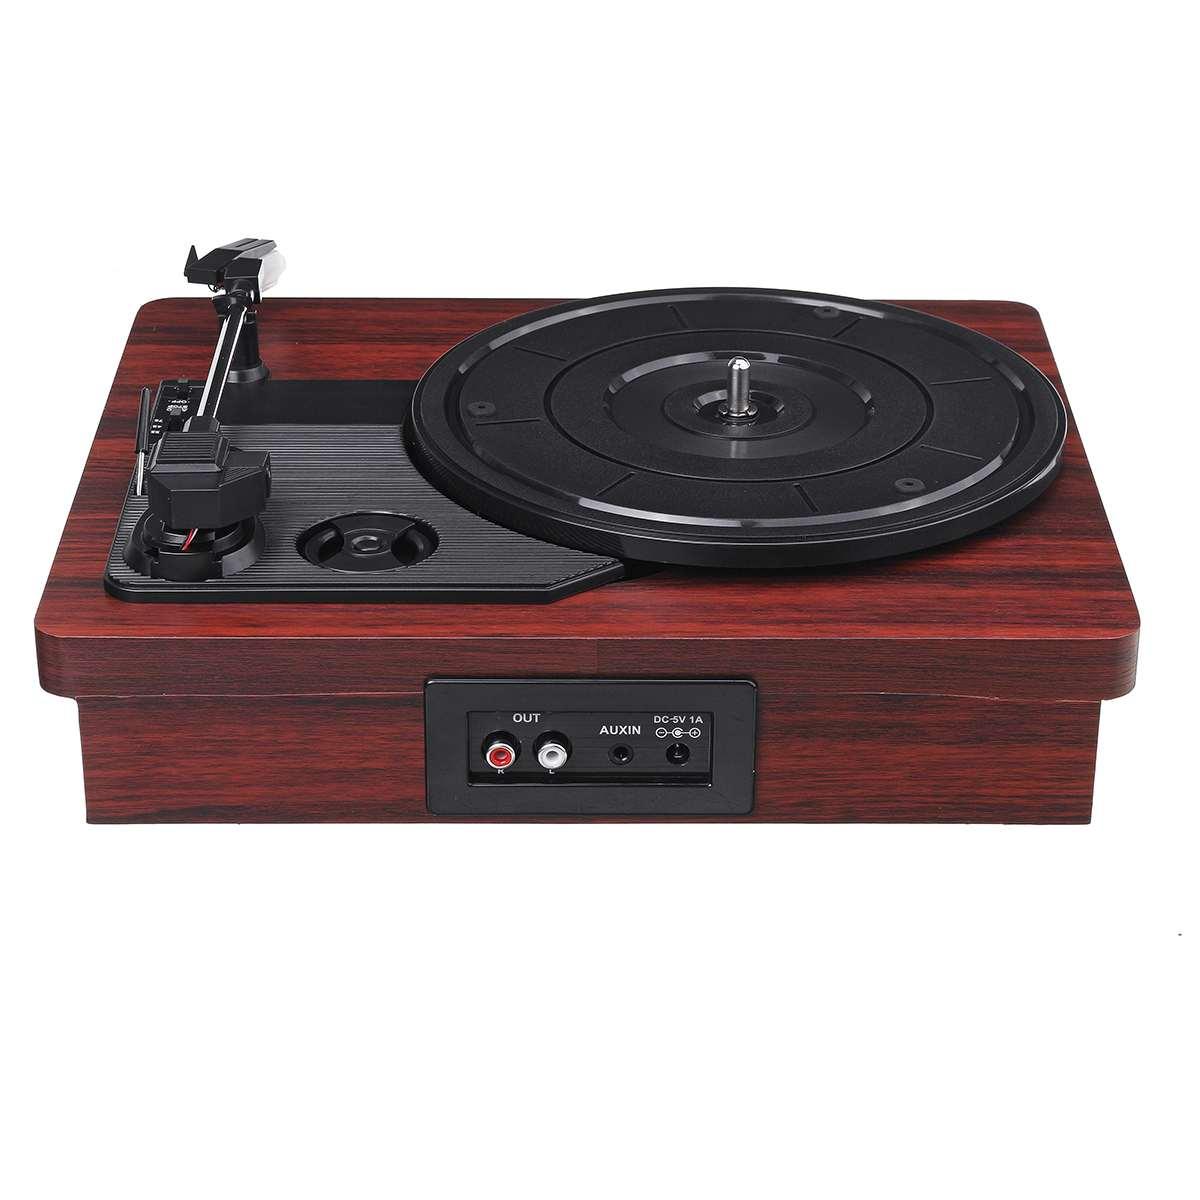 33, 45, 78 tr/min lecteur de disque LP bluetooth haut-parleurs intégrés Antique Gramophone platine vinyle Audio RCA - 4